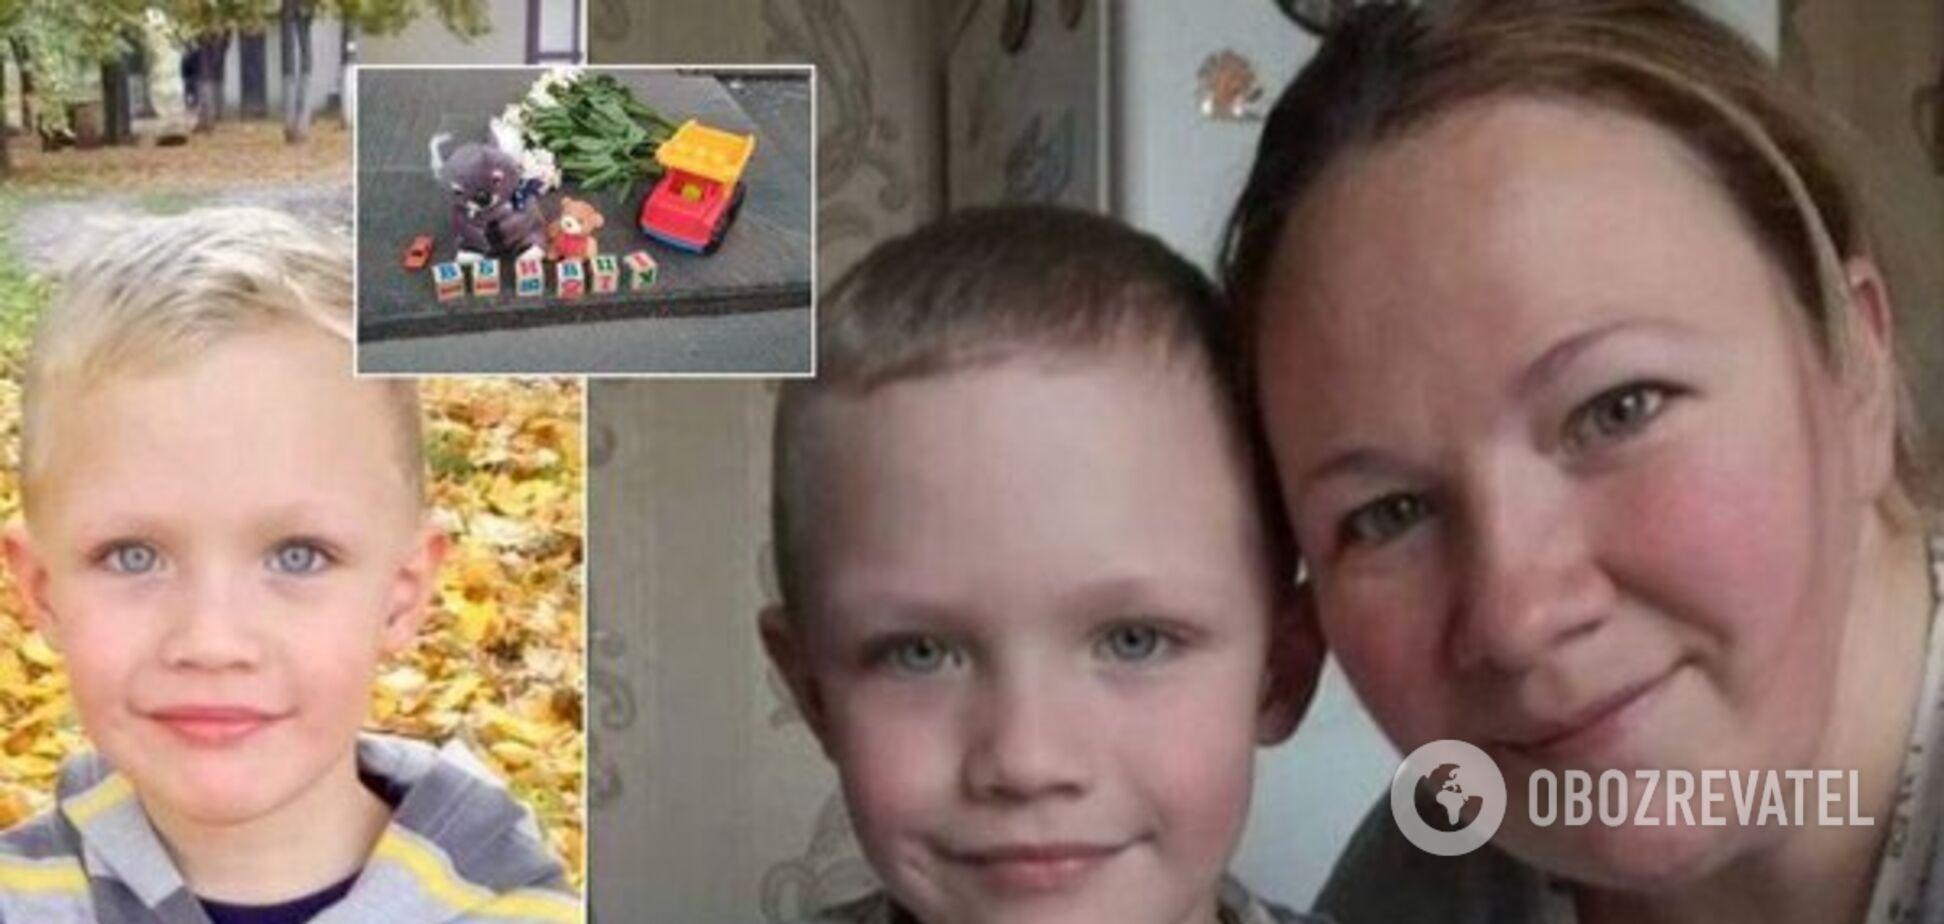 Копы убили мальчика под Киевом: вскрылись скандальные факты о следователях